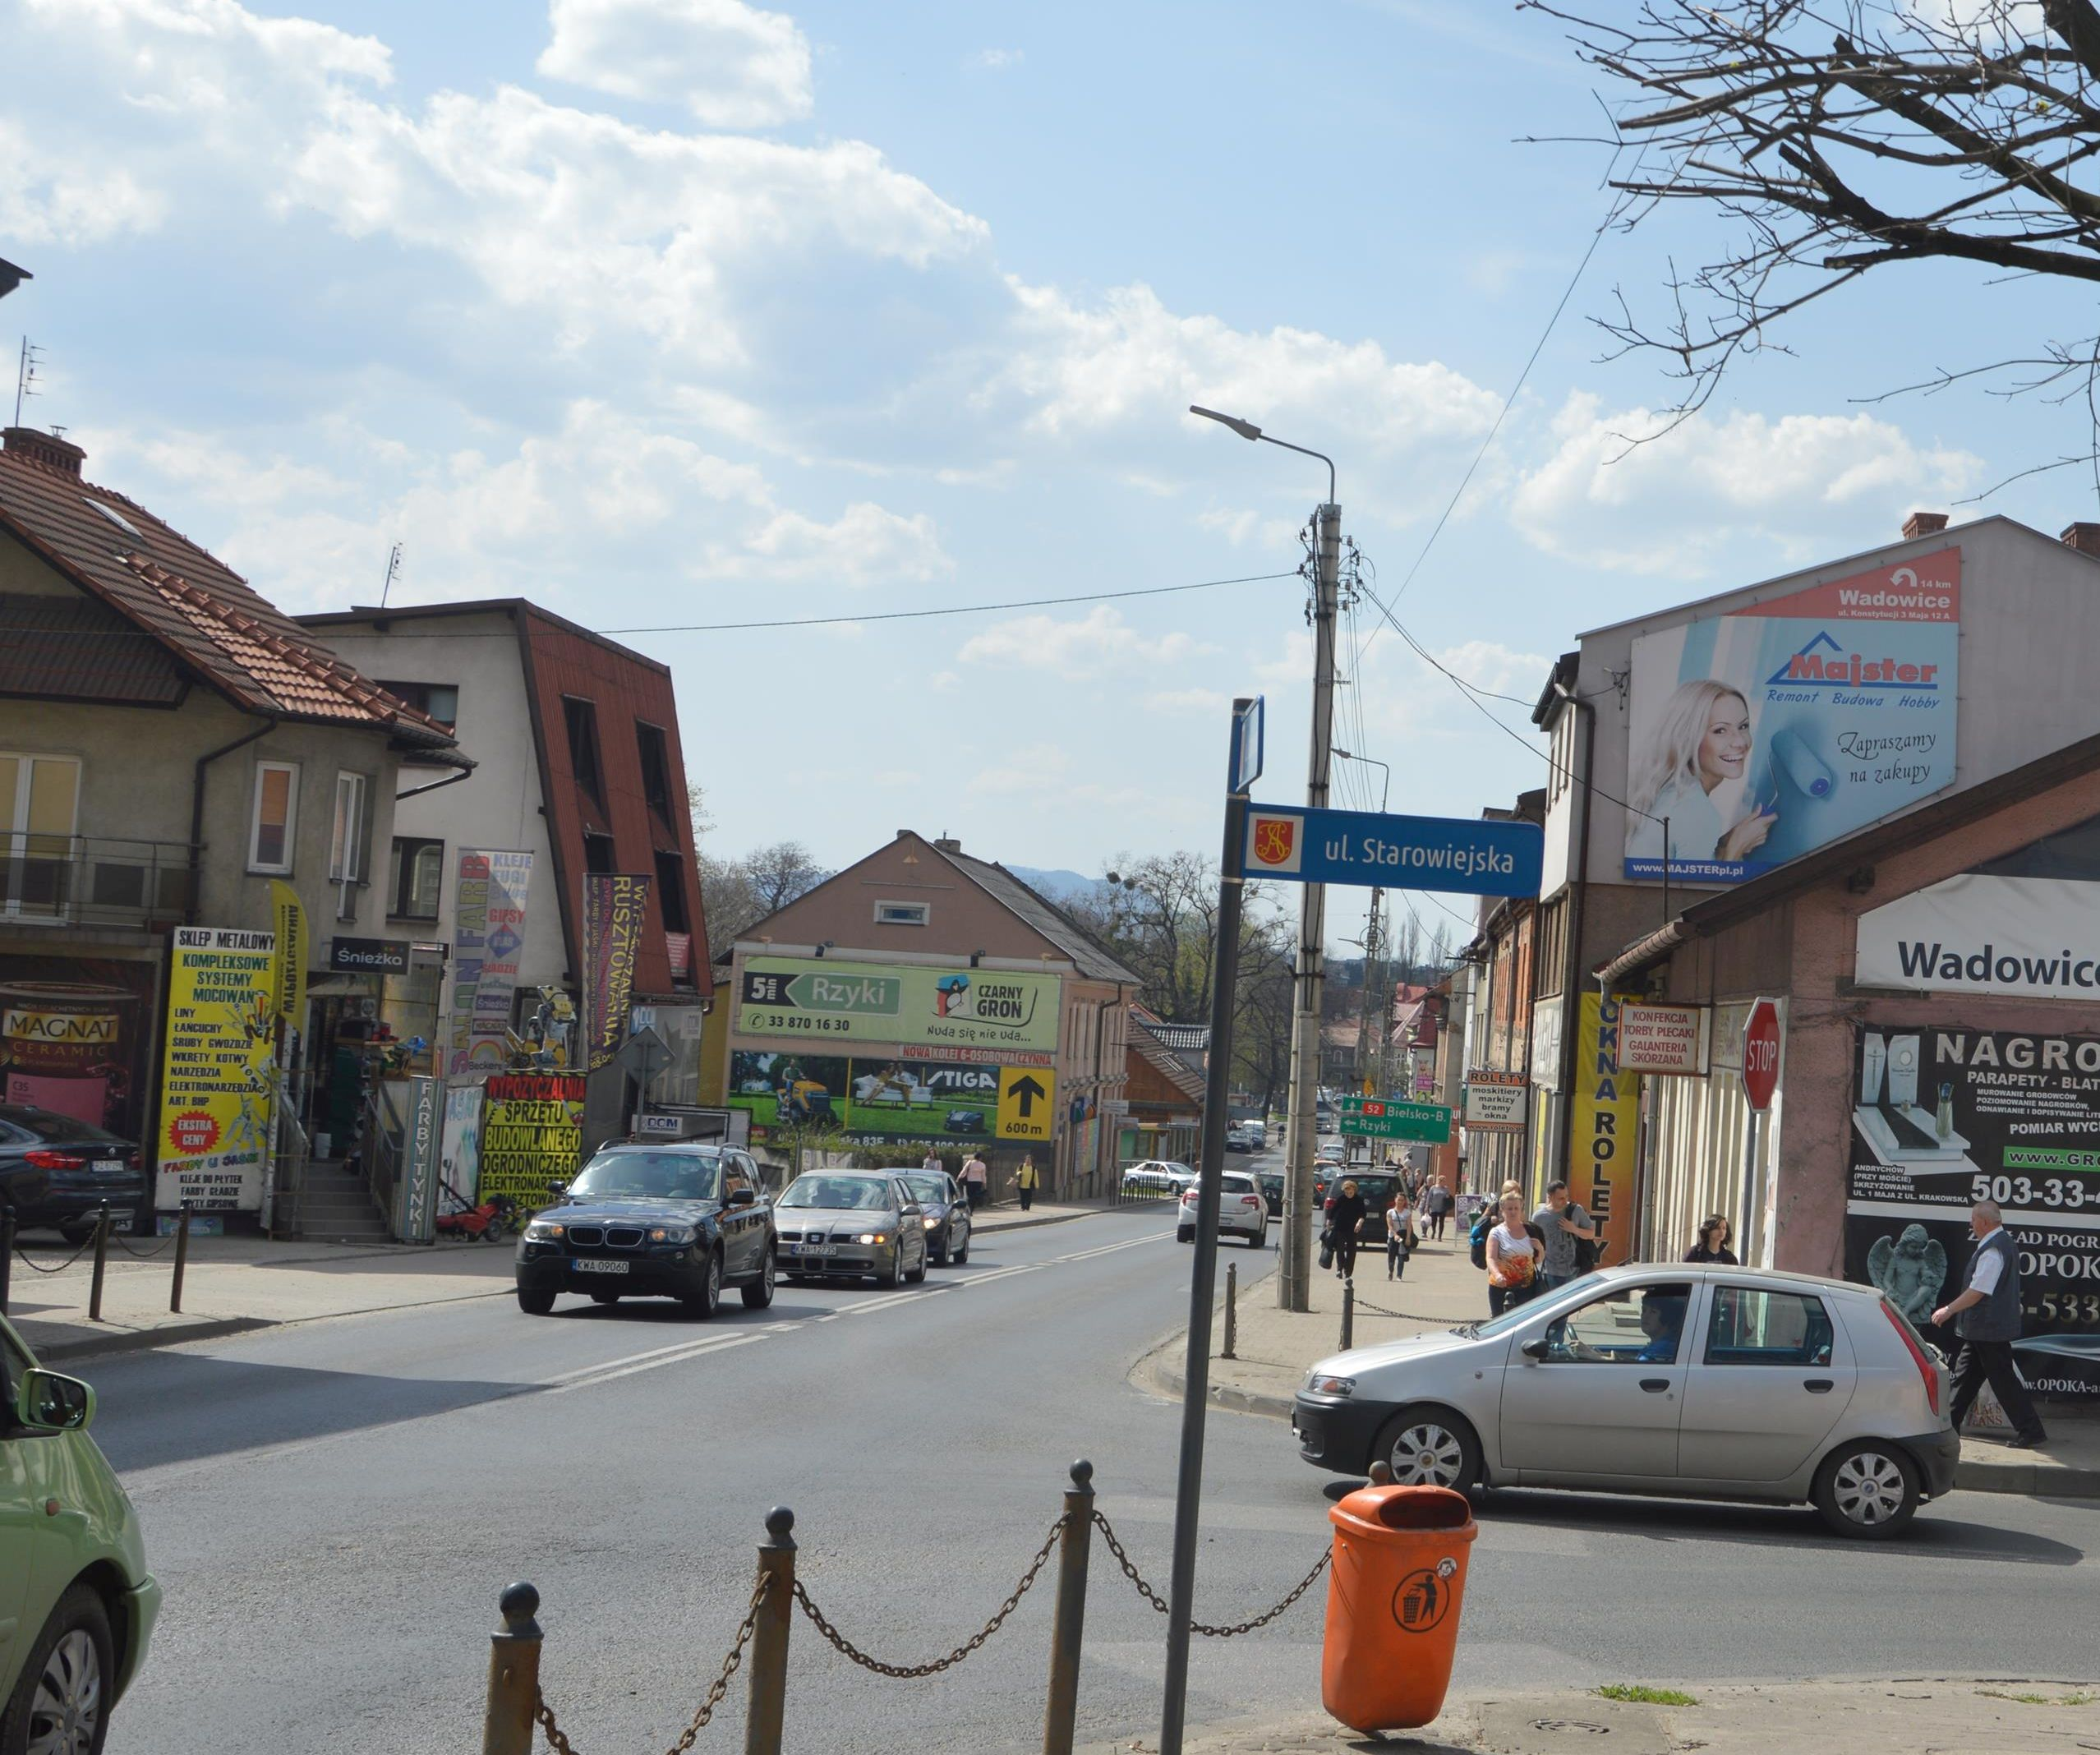 Banery reklamowe znikną z andrychowskich ulic? Nieprędko…